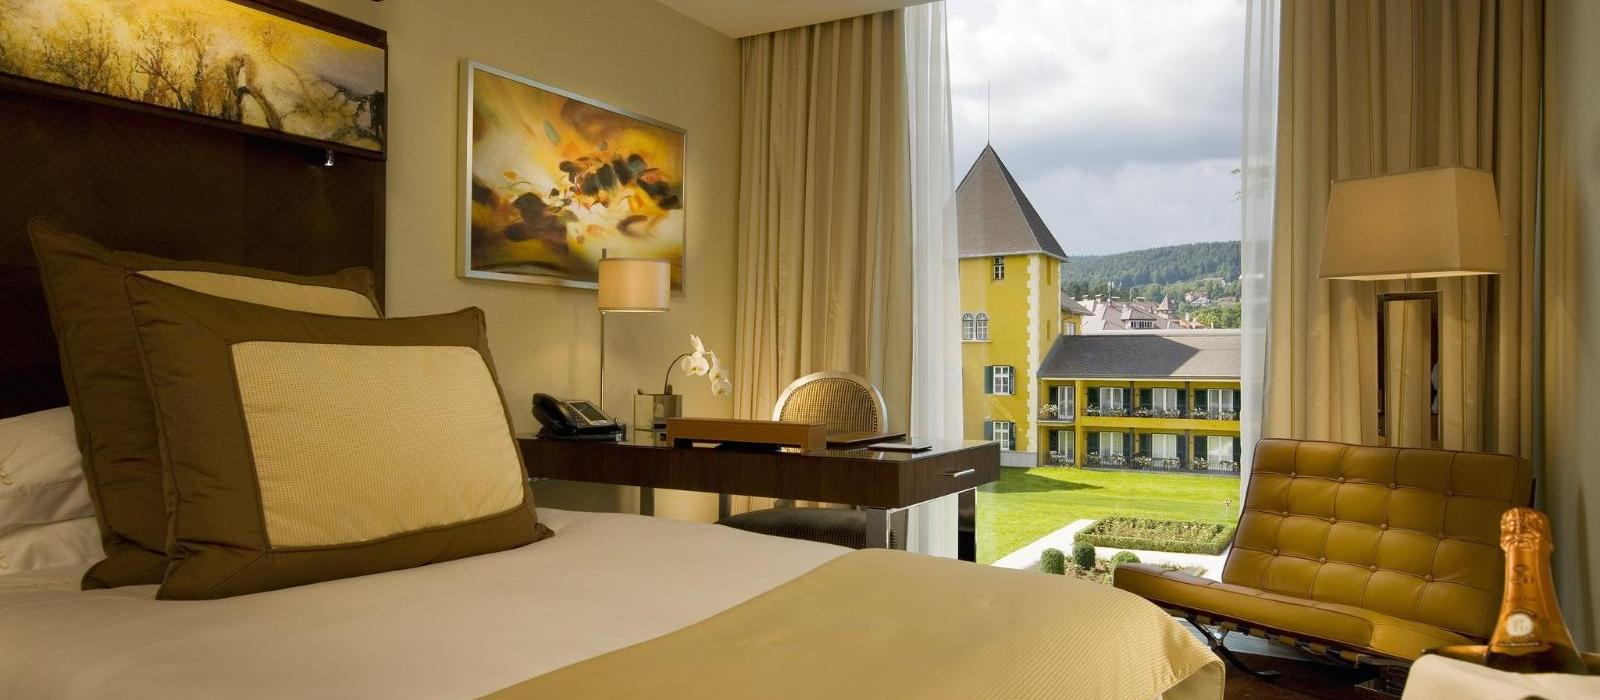 韦尔登弗肯斯坦纳城堡酒店(Falkensteiner Schlosshotel Velden) 标准客房图片  www.lhw.cn